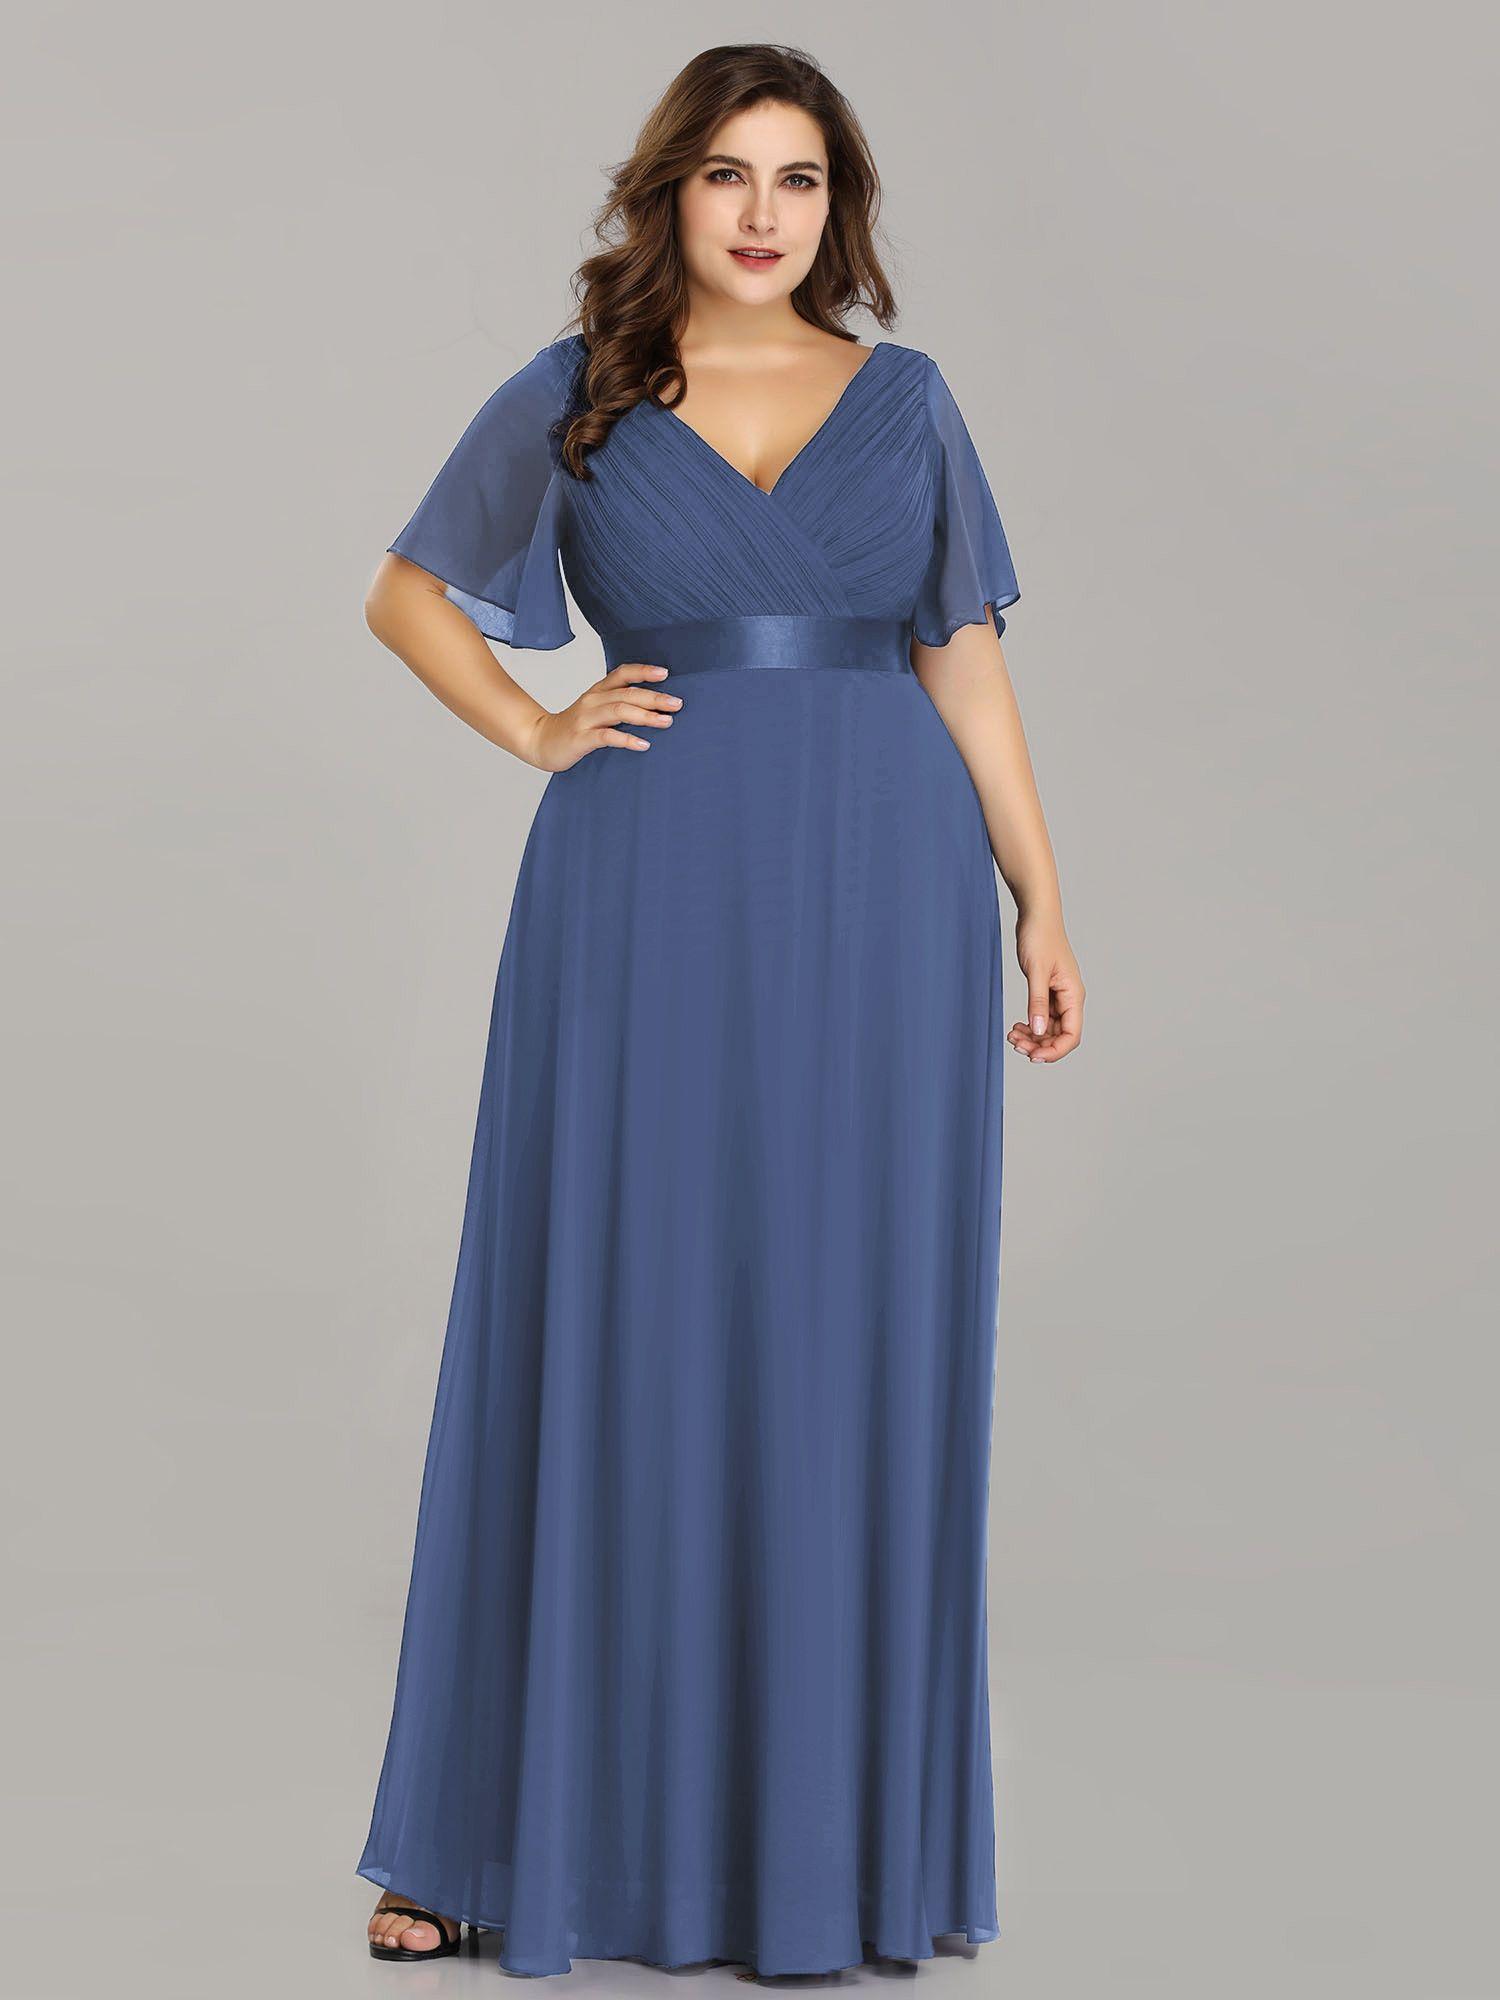 Park Art|My WordPress Blog_Navy Blue Maxi Dress Plus Size